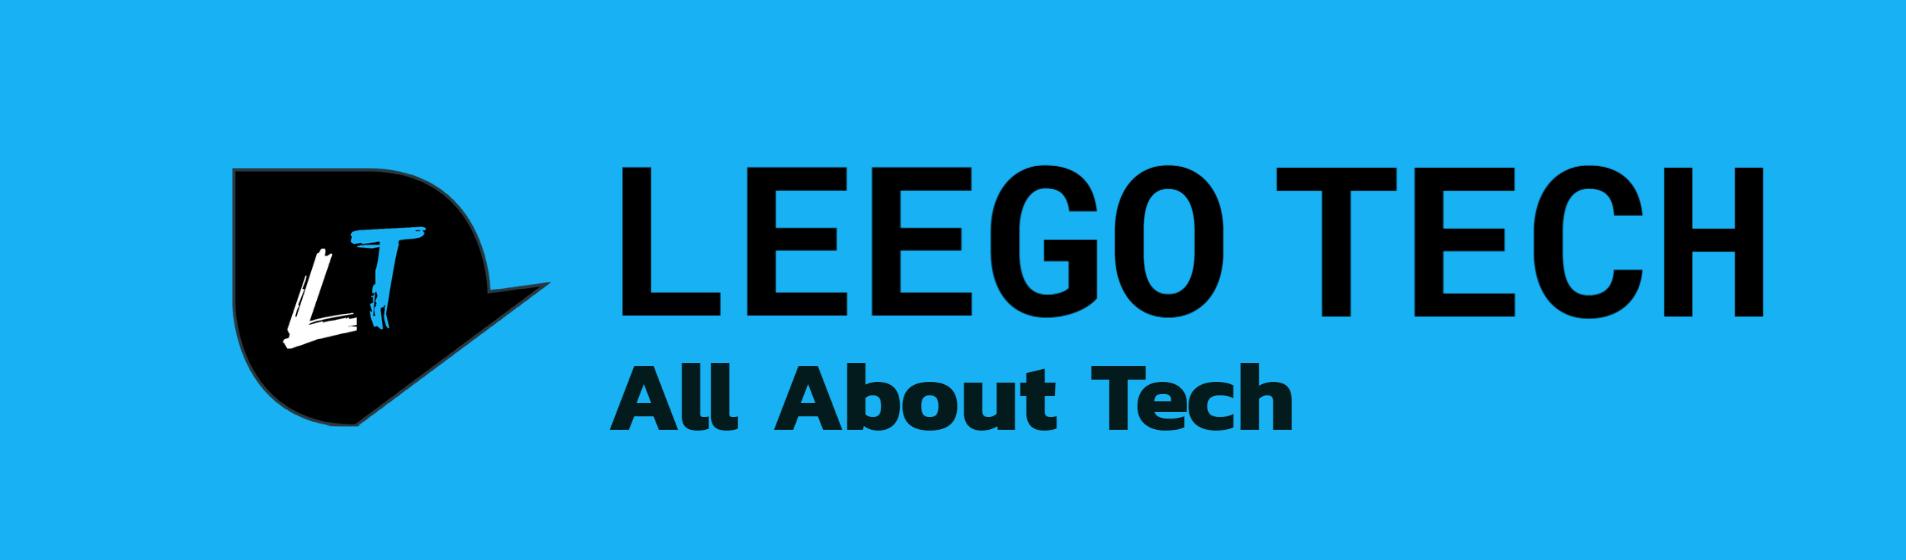 Leego Tech